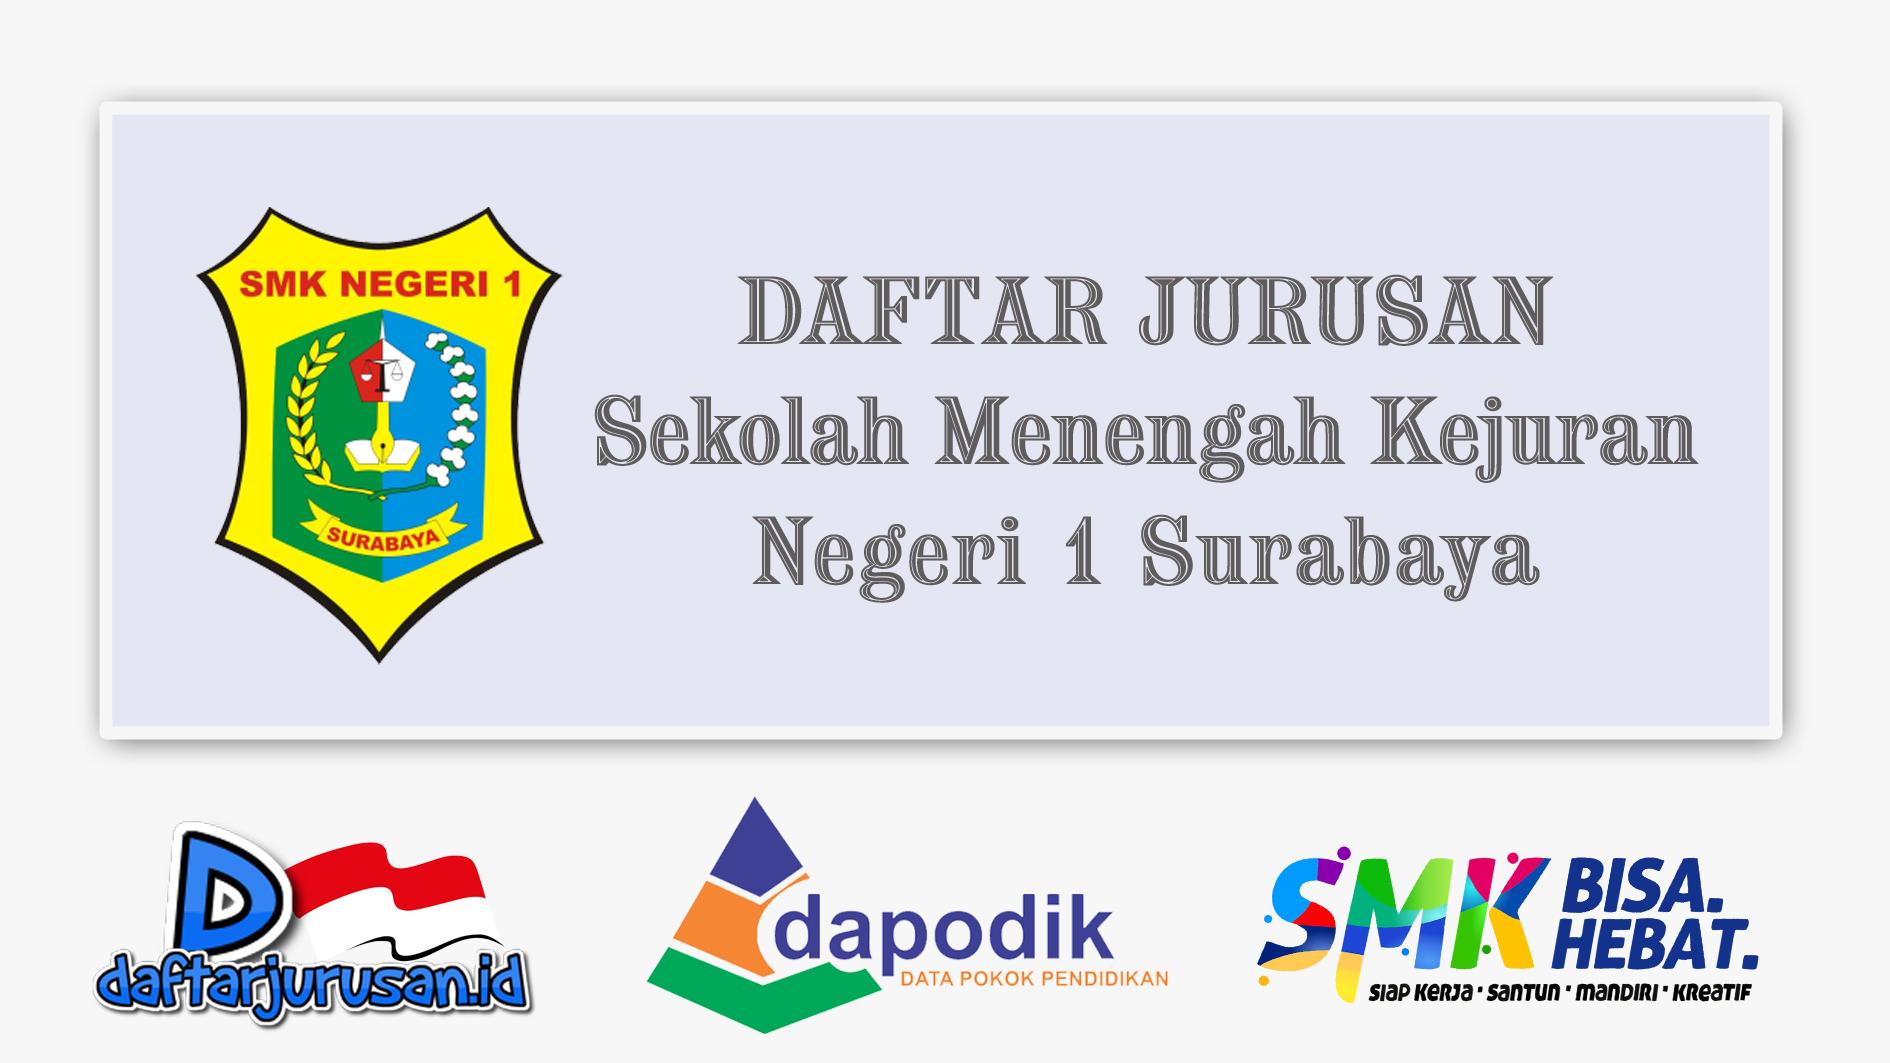 Daftar Jurusan SMK Negeri 1 Surabaya